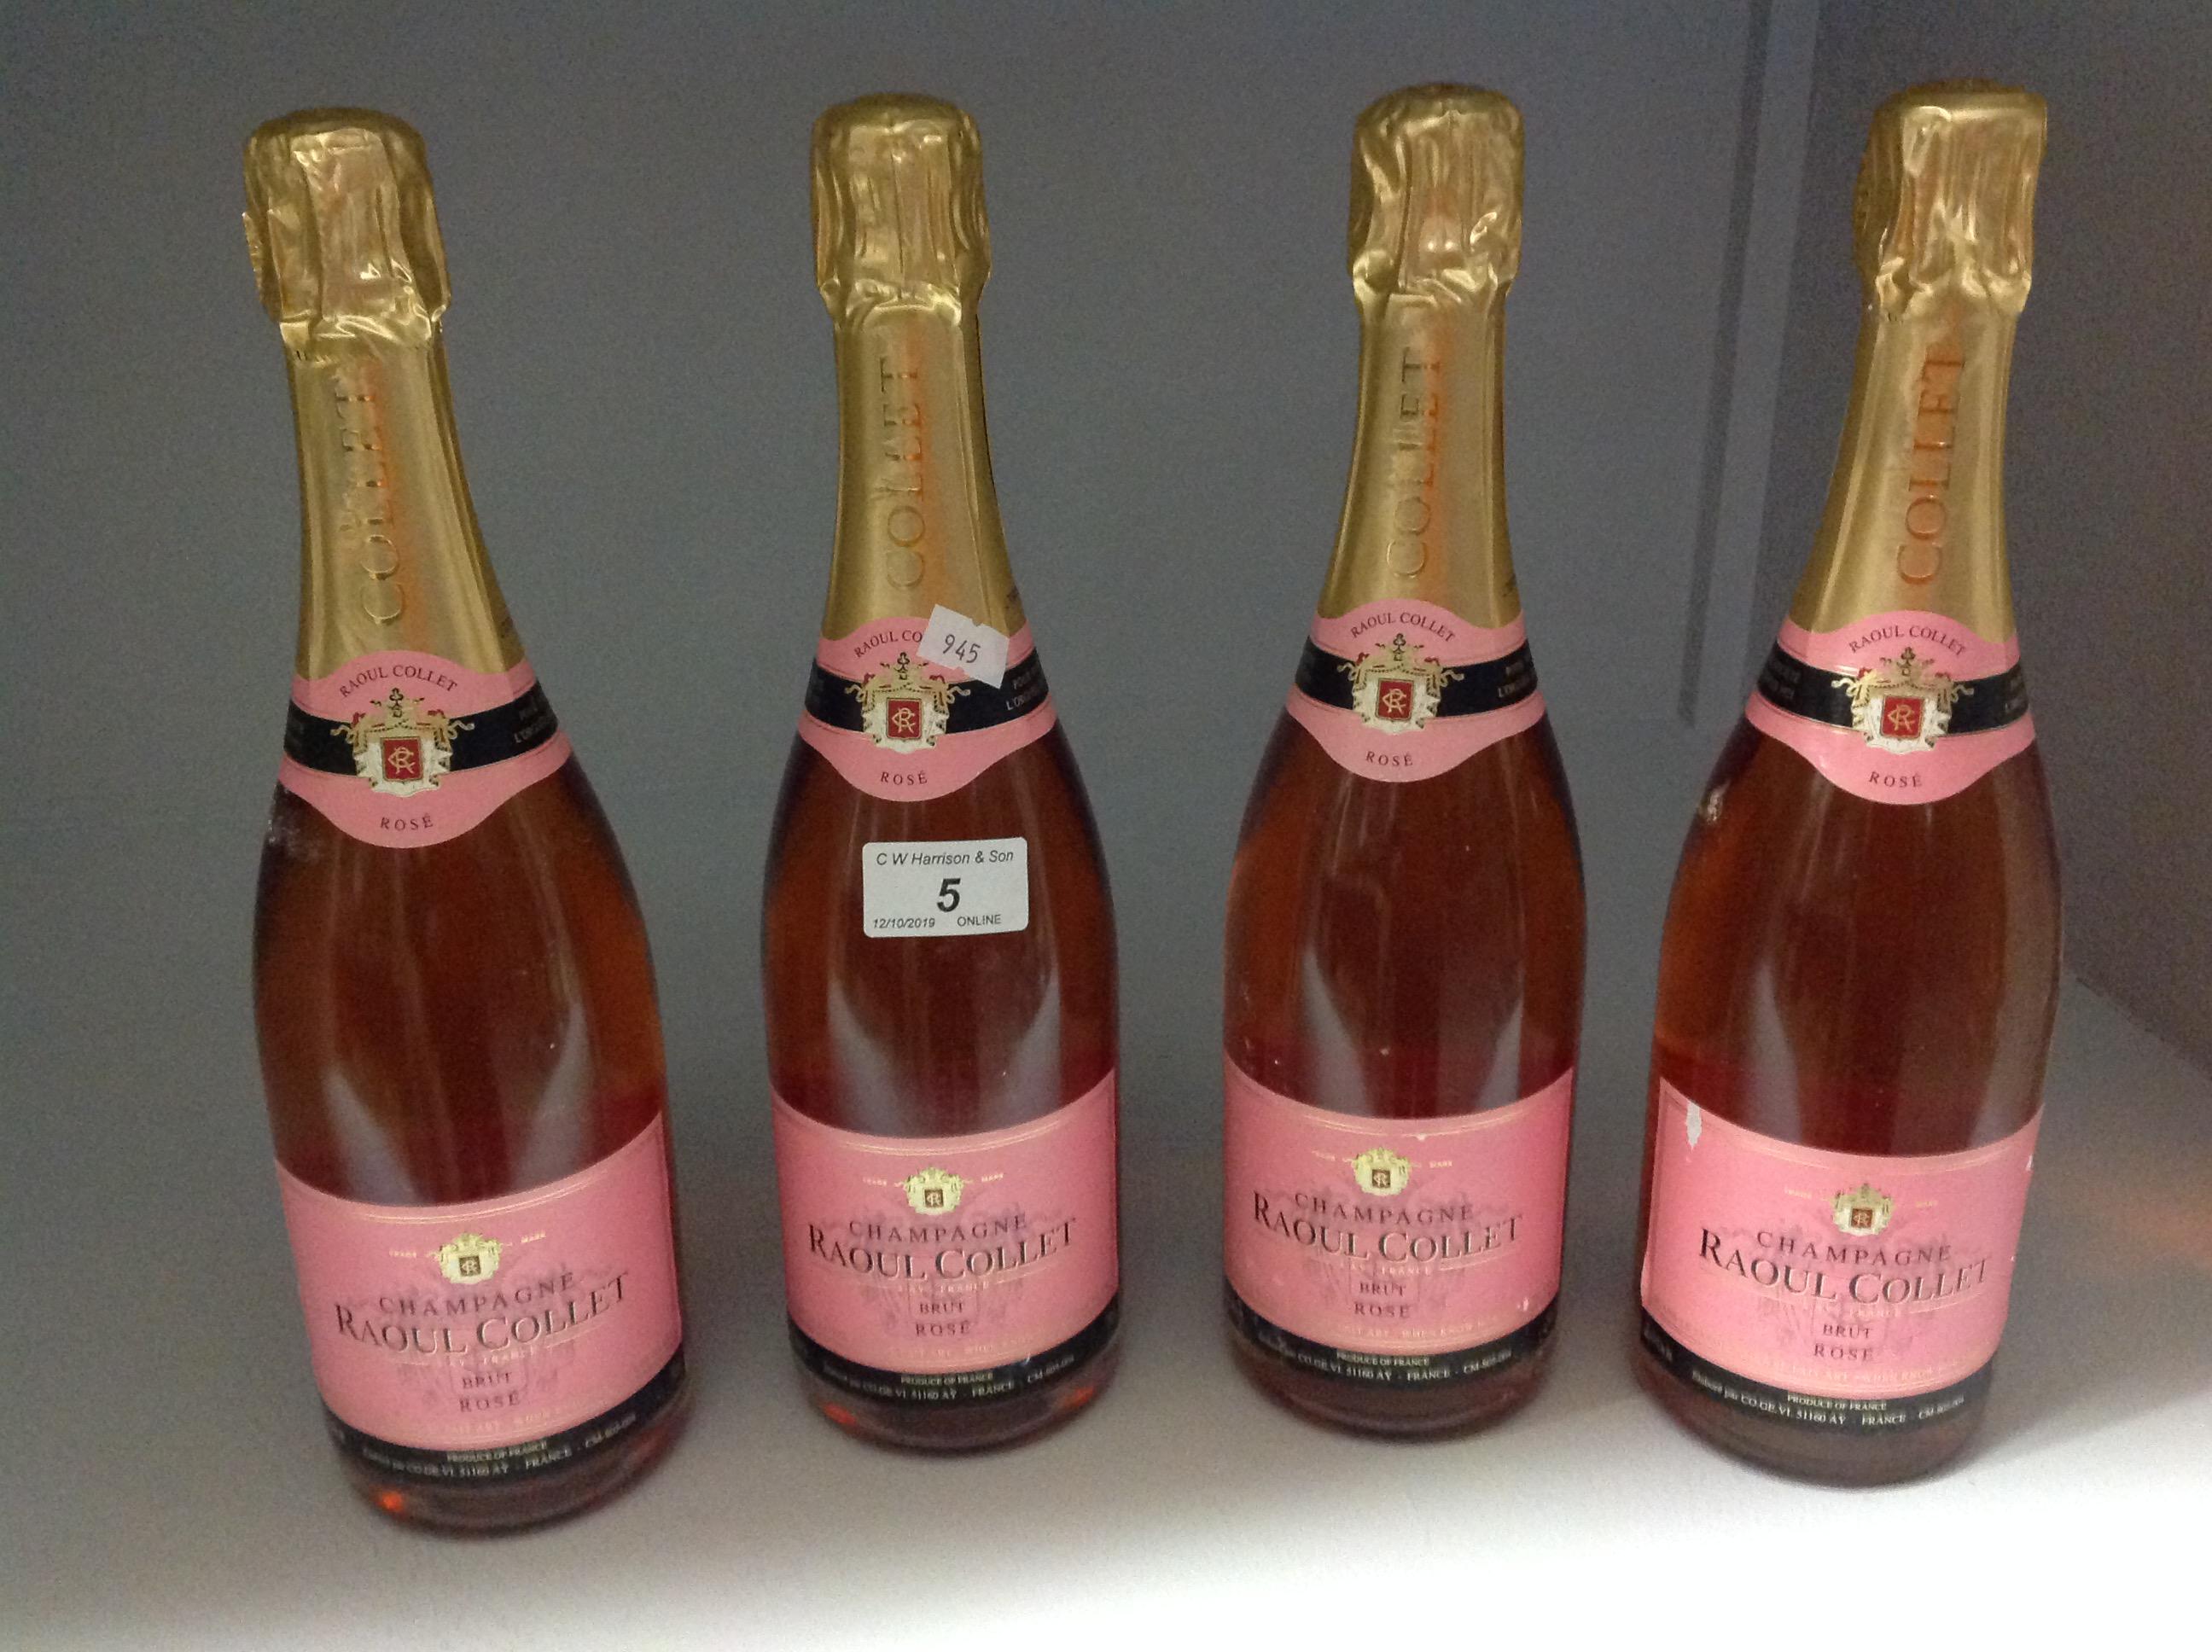 Lot 5 - 4 x 750ml bottles Raoul Collet Brut Rose